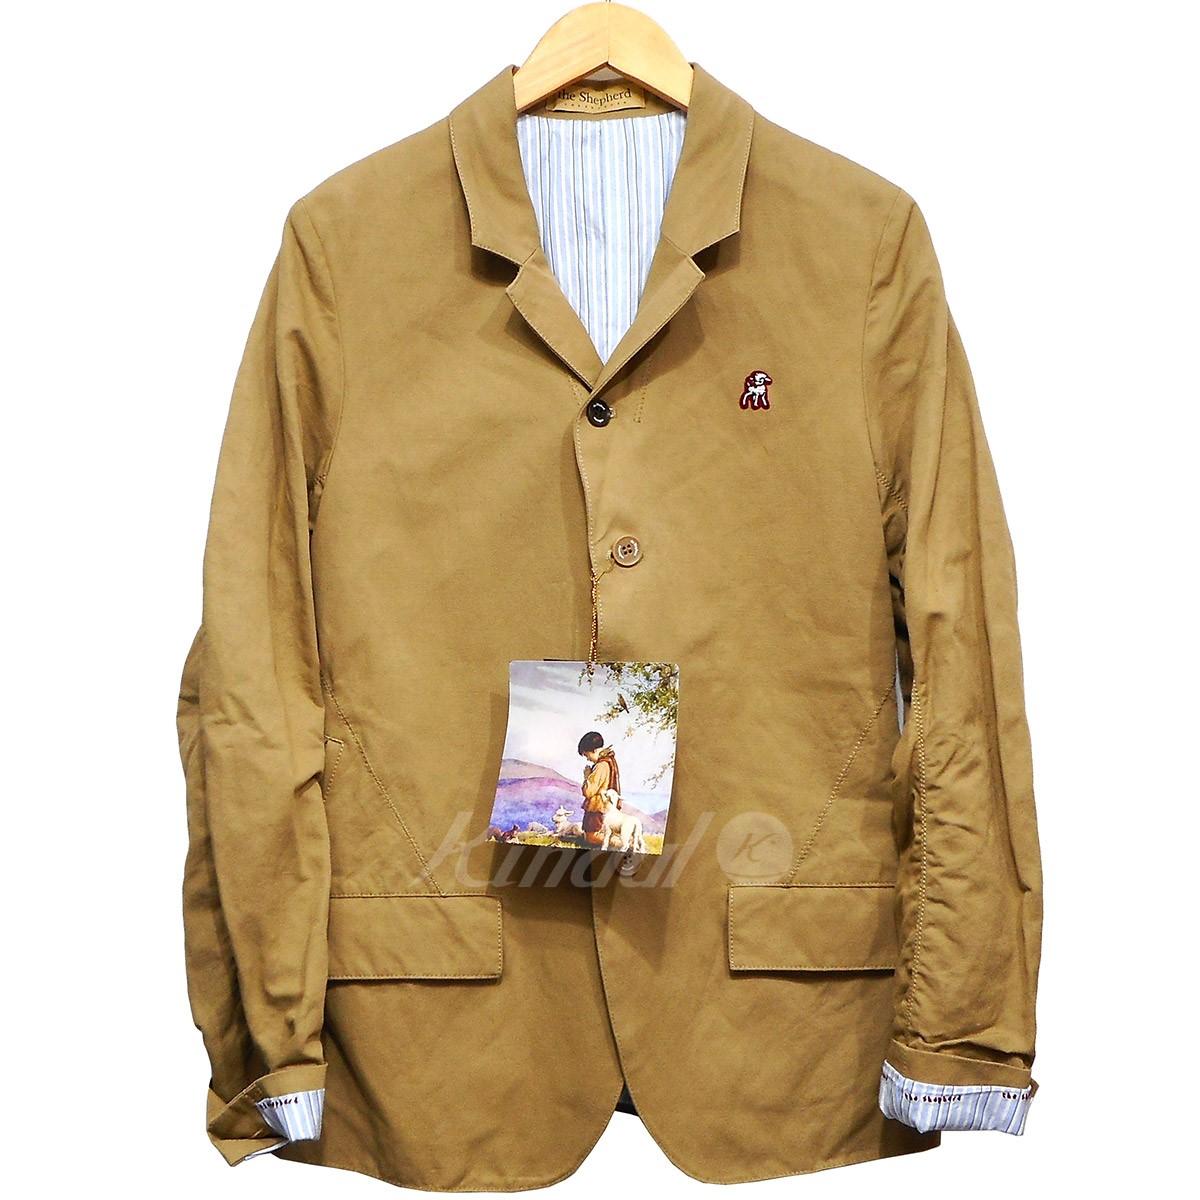 【中古】the Shepherd undercover 17SS ワンポイントパッカリングジャケット 【送料無料】 【006462】 【KIND1550】